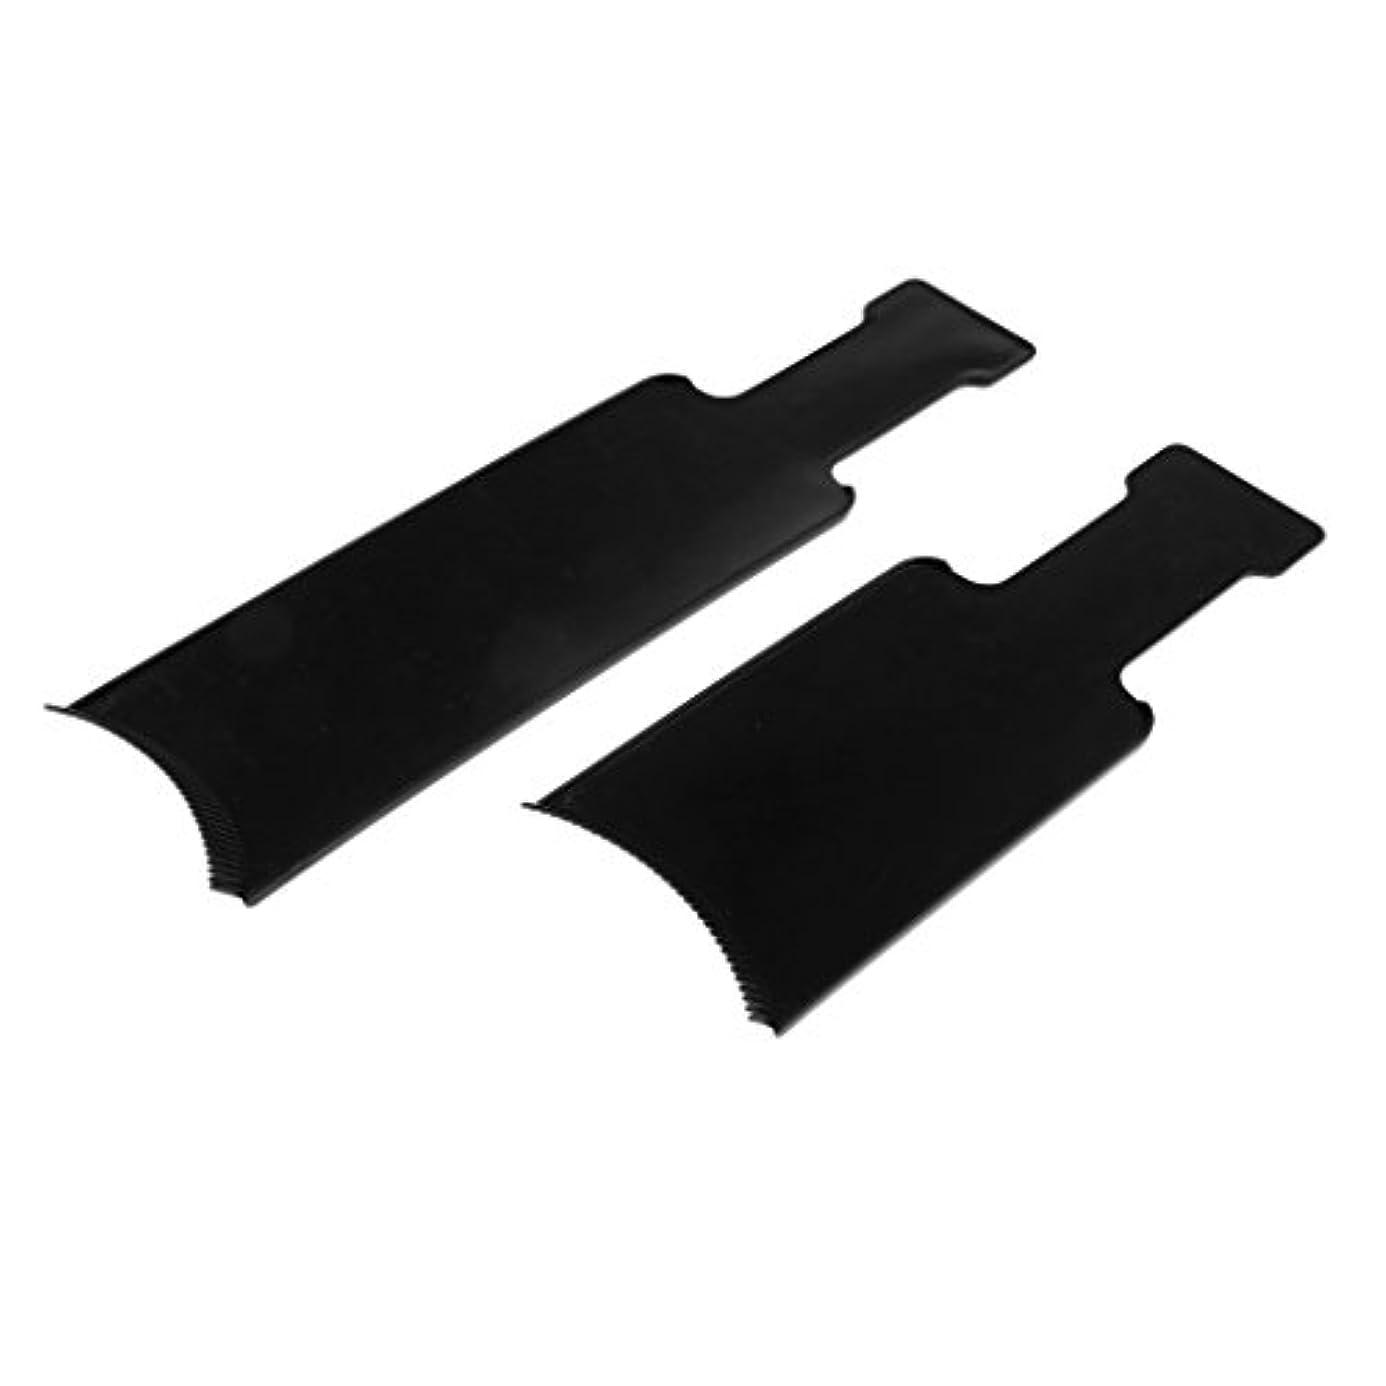 口実シリンダー状態DYNWAVE ヘアカラーボード 染色櫛 染色プレート ヘアカラー プラスチック製 美容ツール 黒 2個入